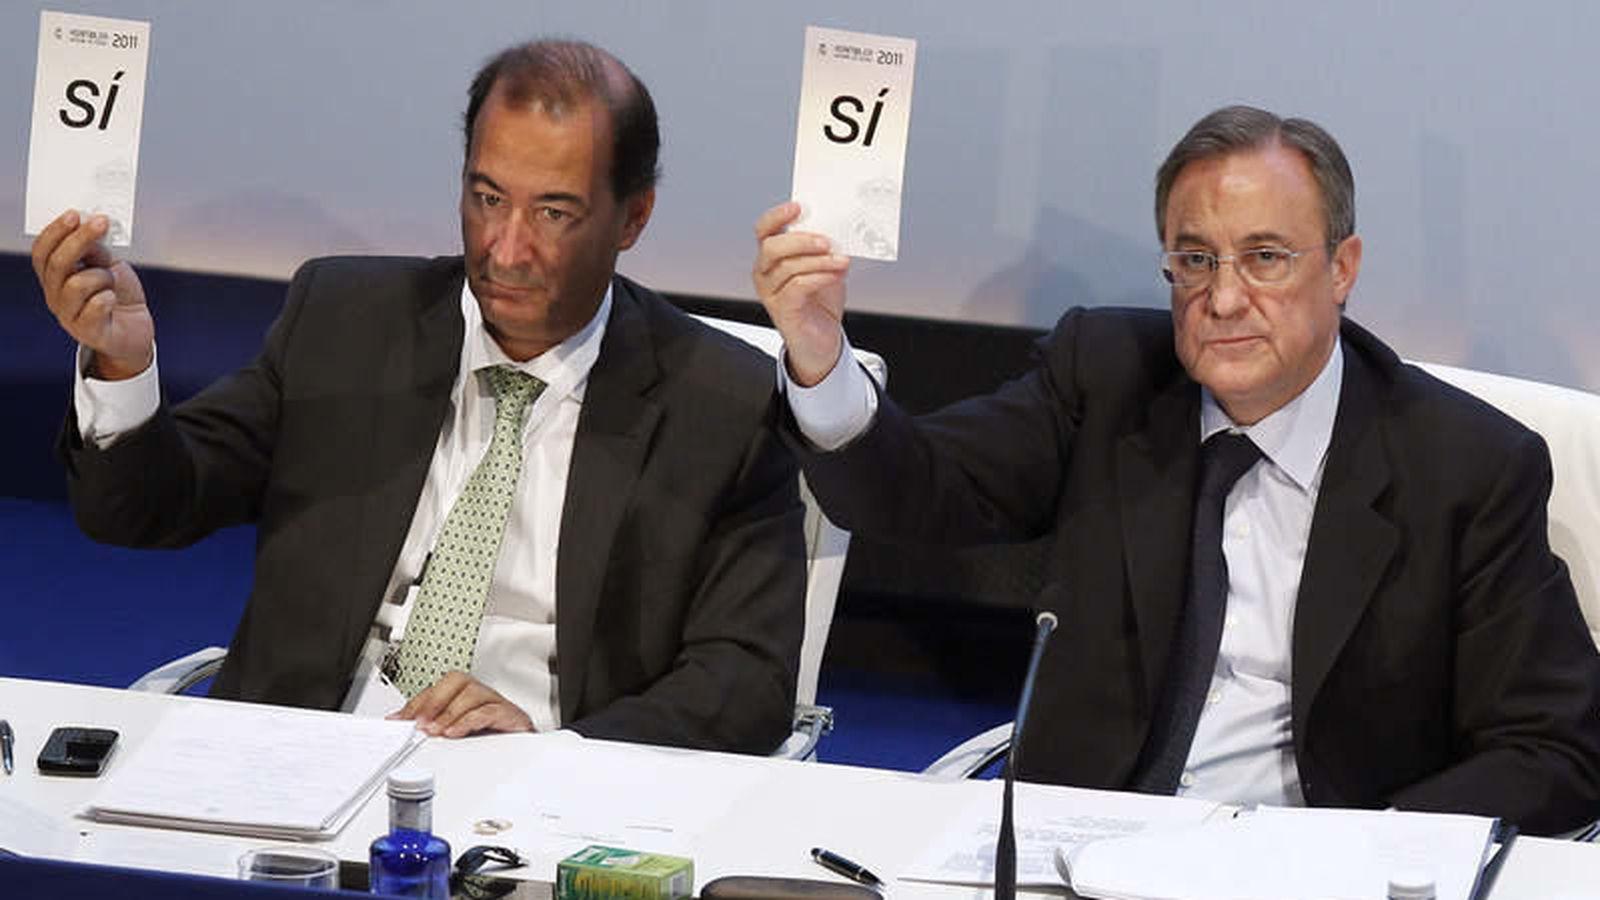 Foto: Fernández de Blas y Florentino Pérez, durante una Asamblea de socios del Real Madrid (EFE)